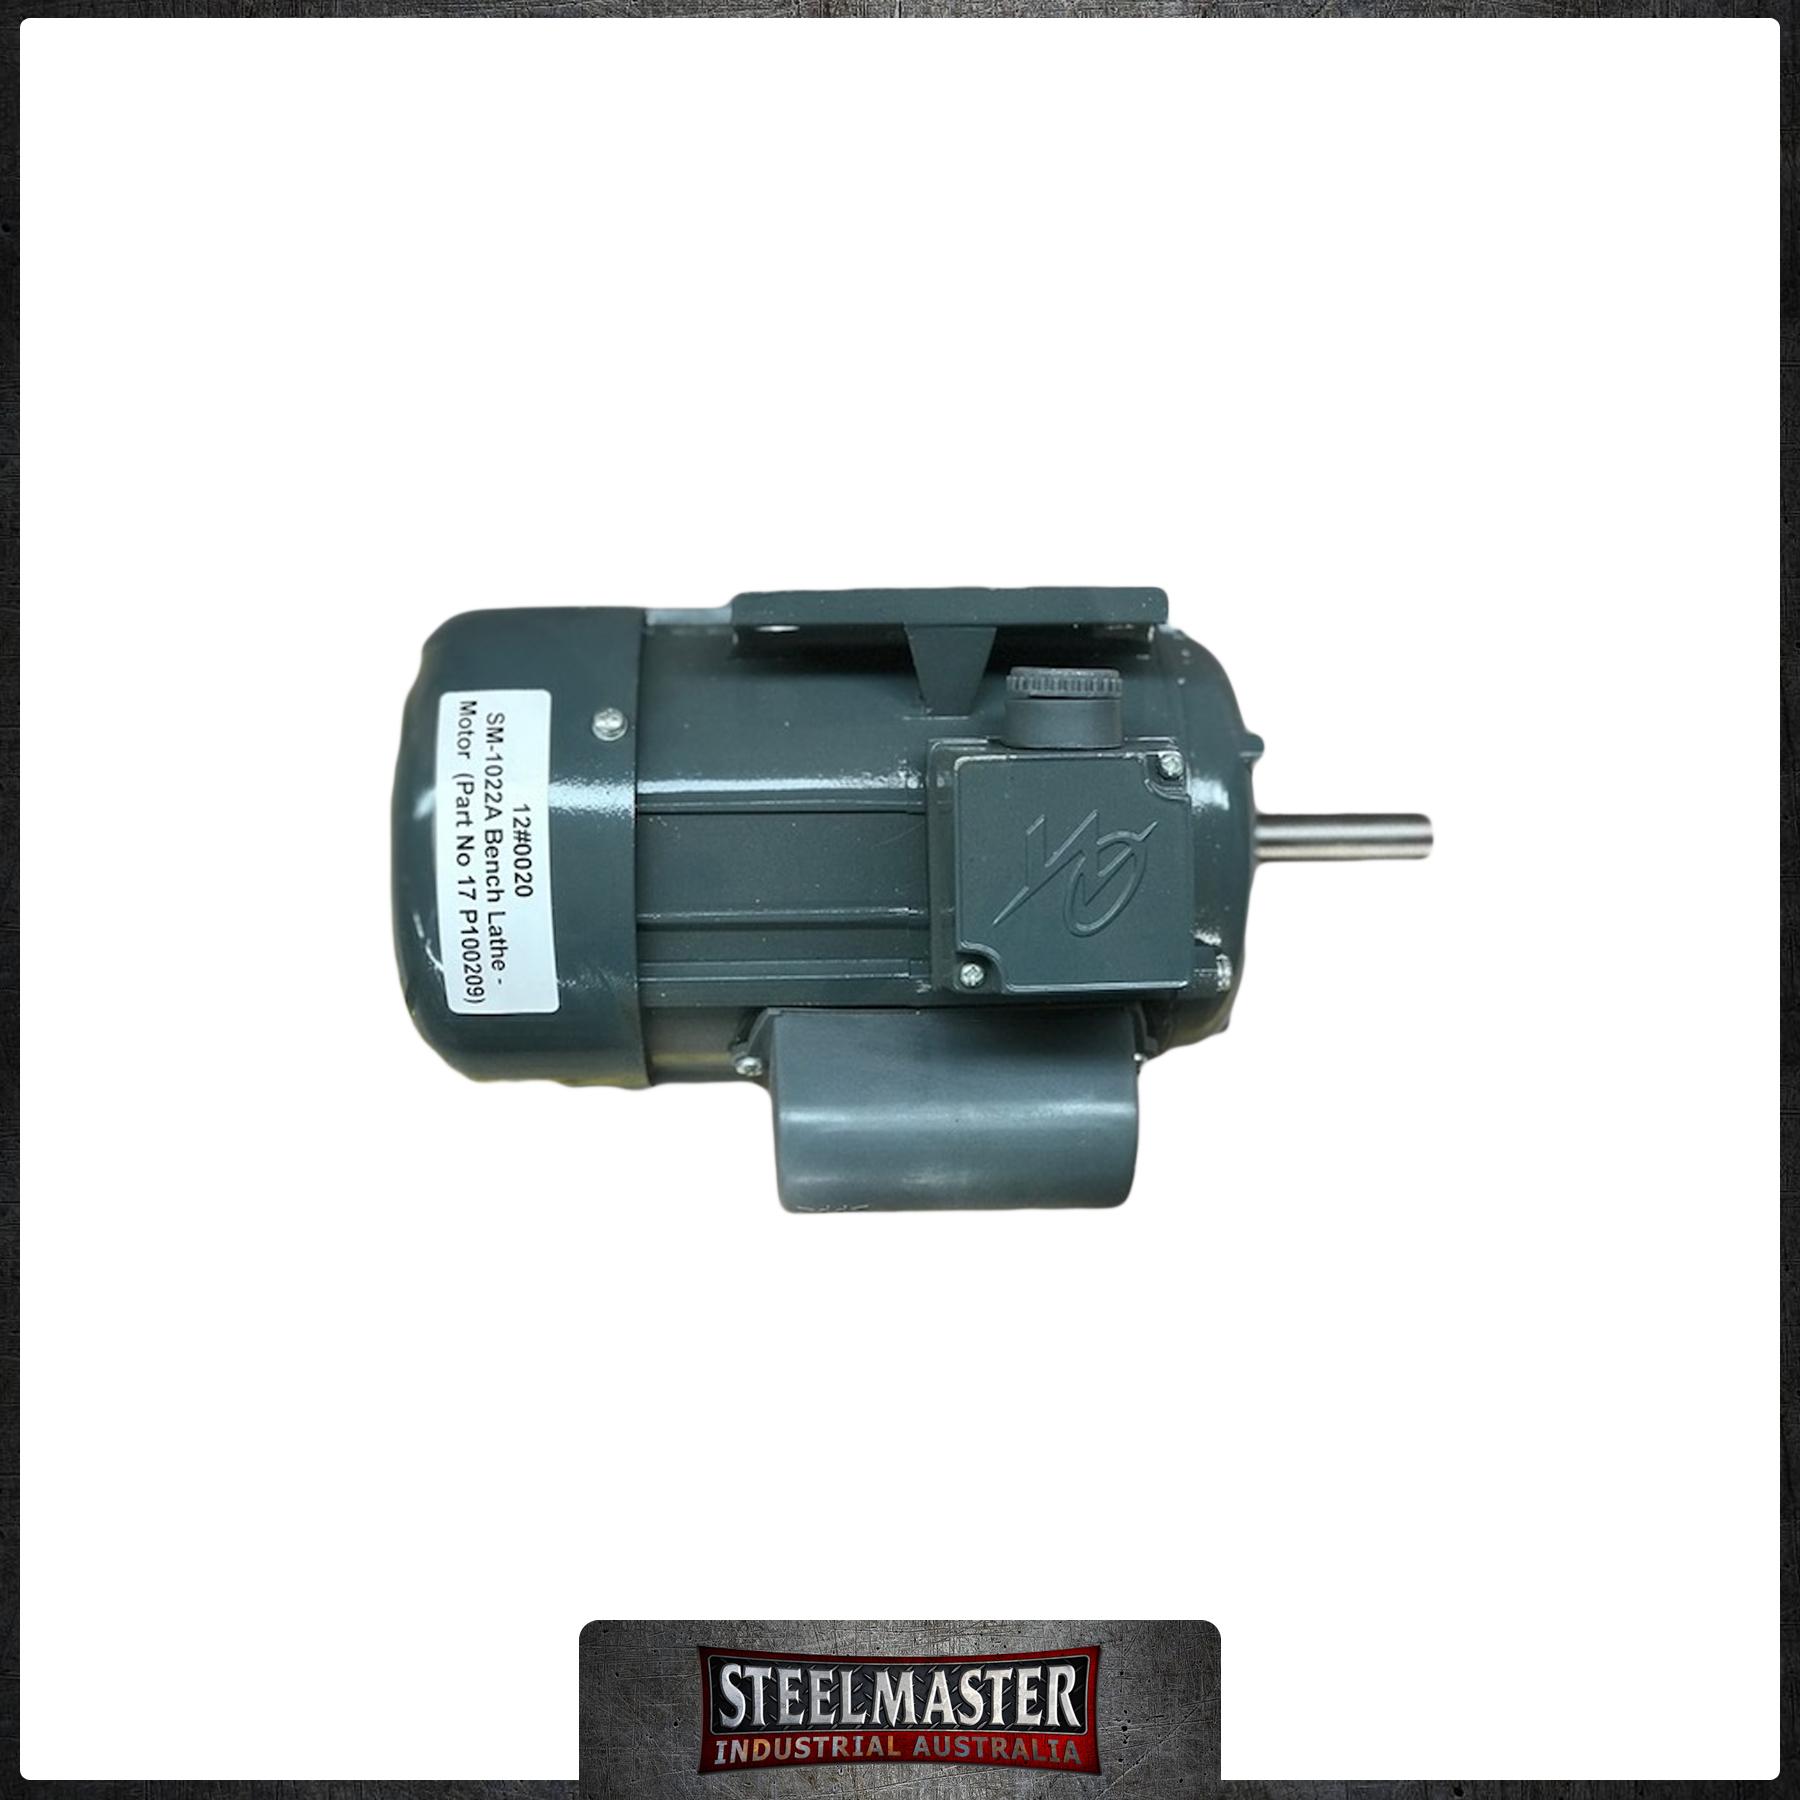 Sm 1022A Bench Lathe Motor (Part No 17 P100209)